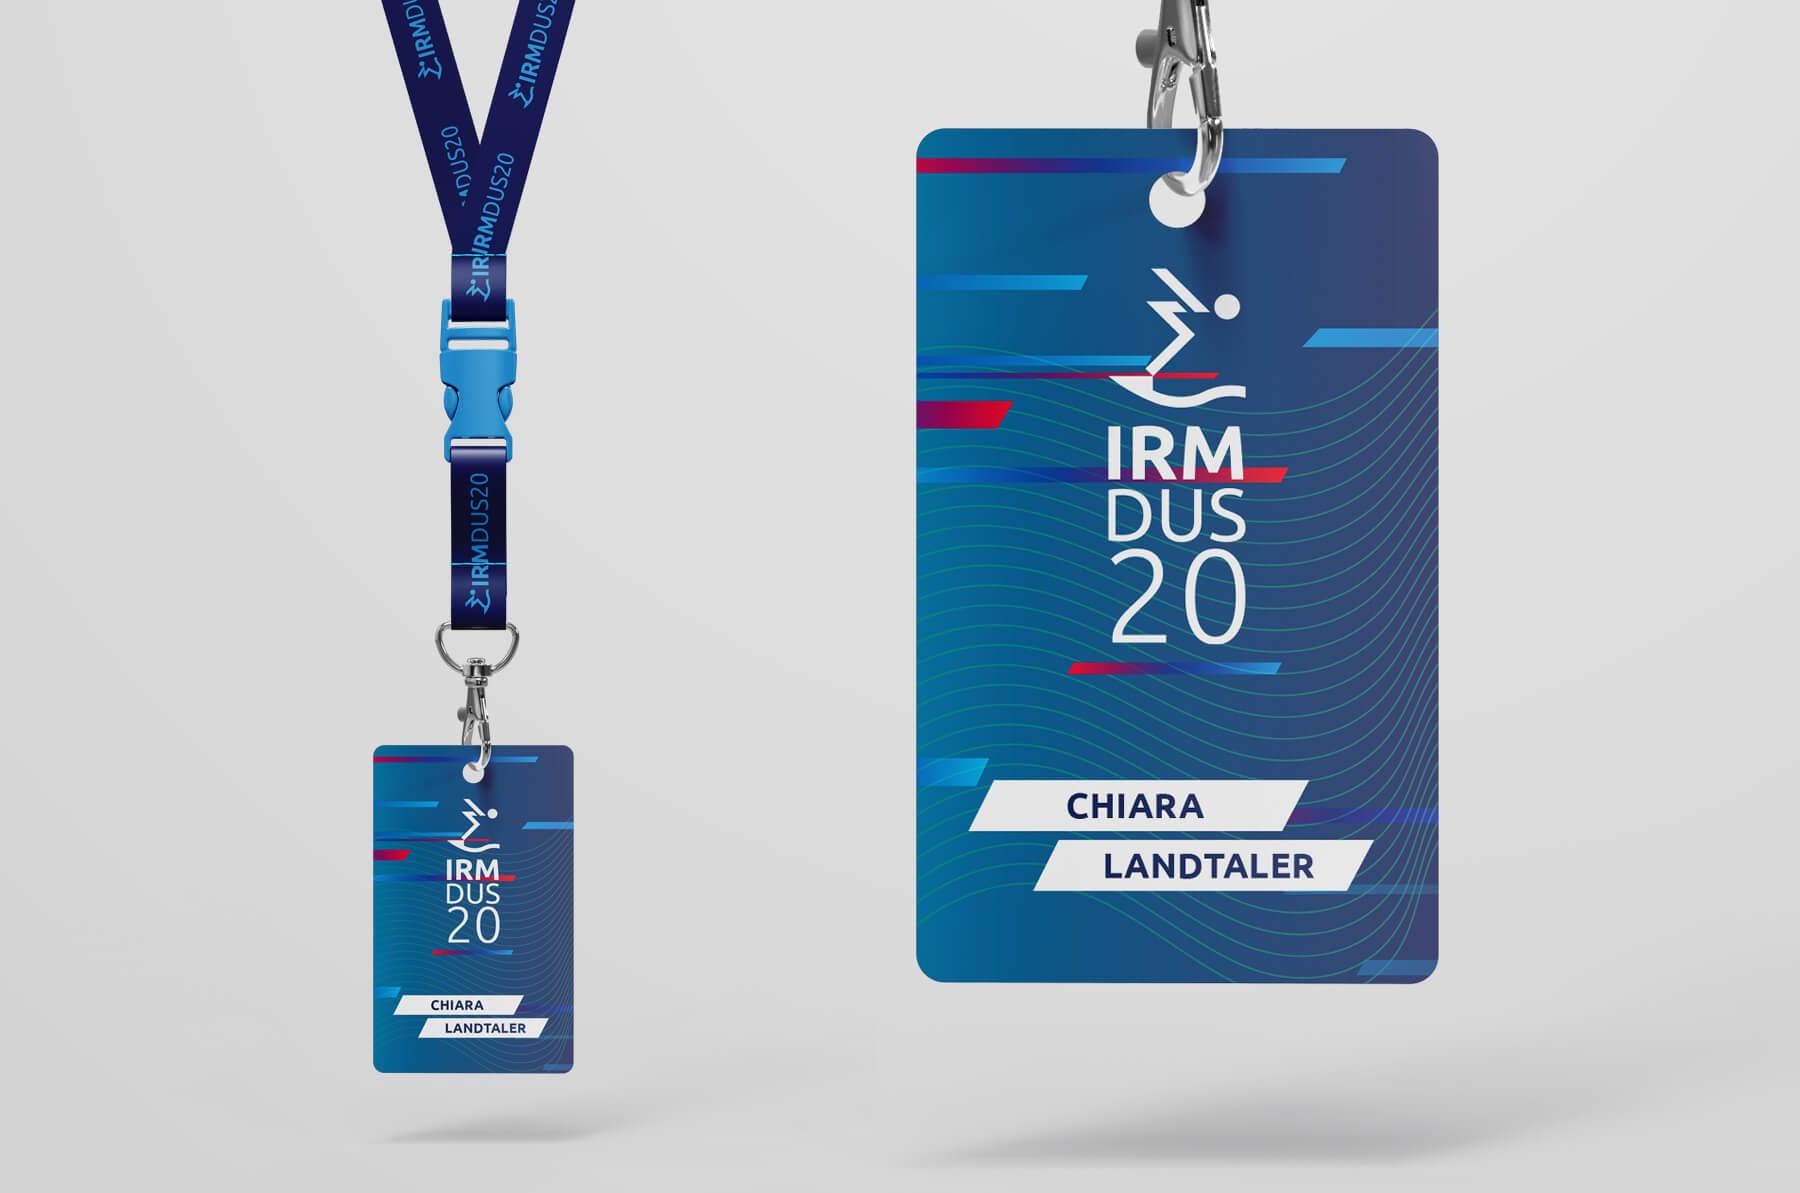 IRM DUS Logo Internationales Rheinmeeting Düsseldorf Eventmarketing Sport Besucher Backstagepass